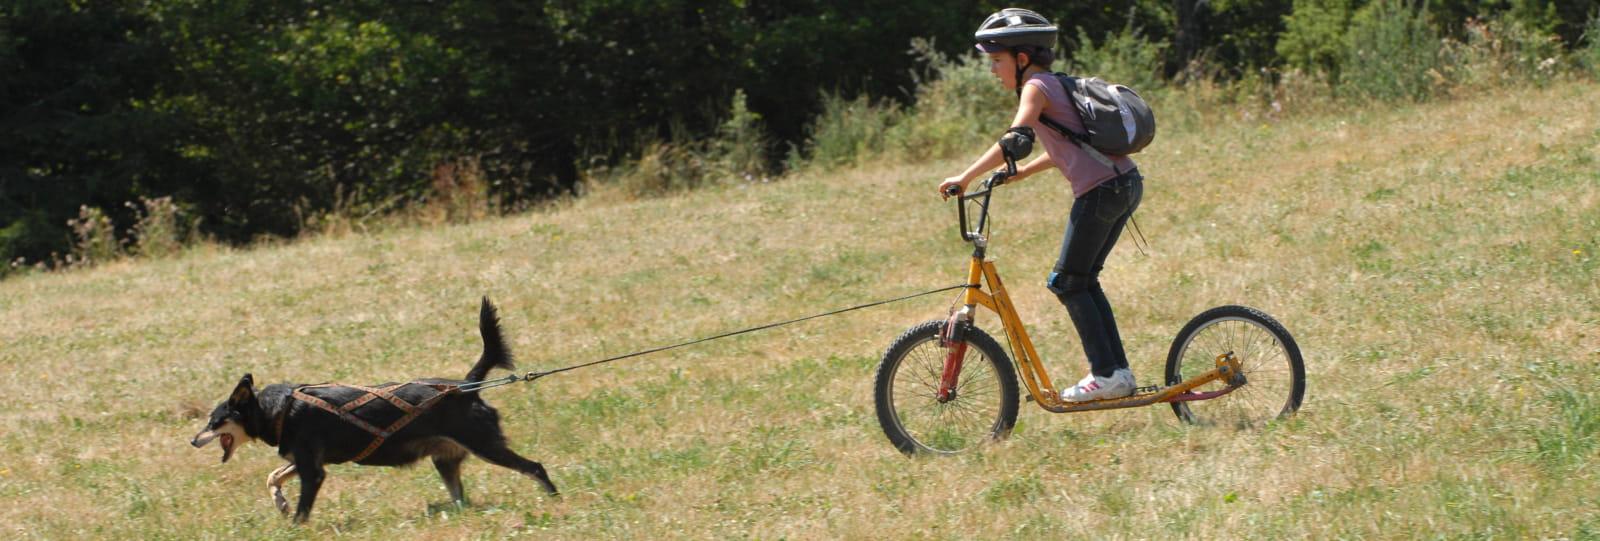 Trottinettes tout terrain attelées aux chiens - ANNULE